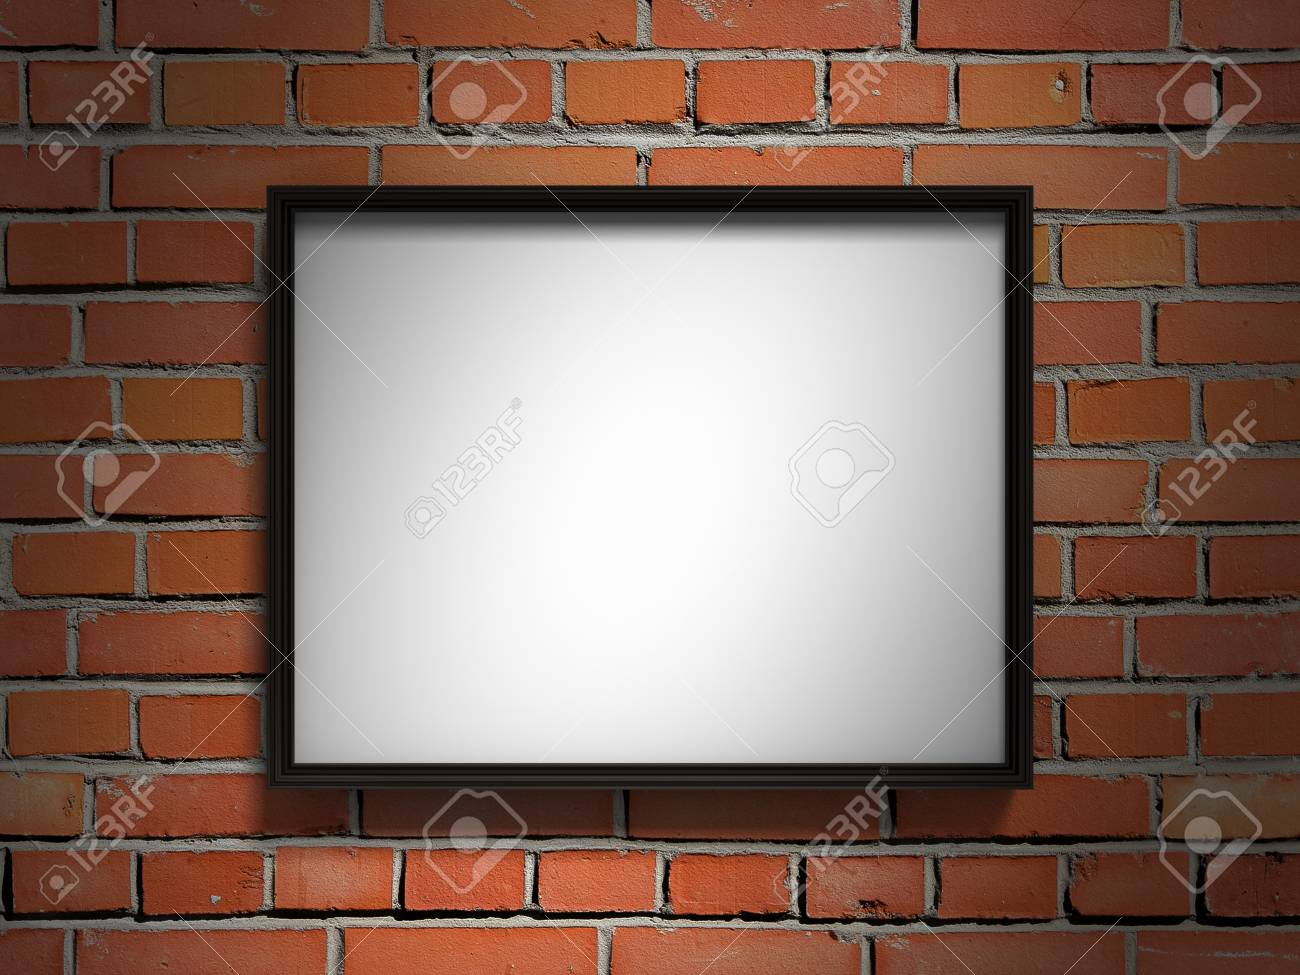 Blank Bilderrahmen Auf Roter Mauer. 3d Render Darstellung ...